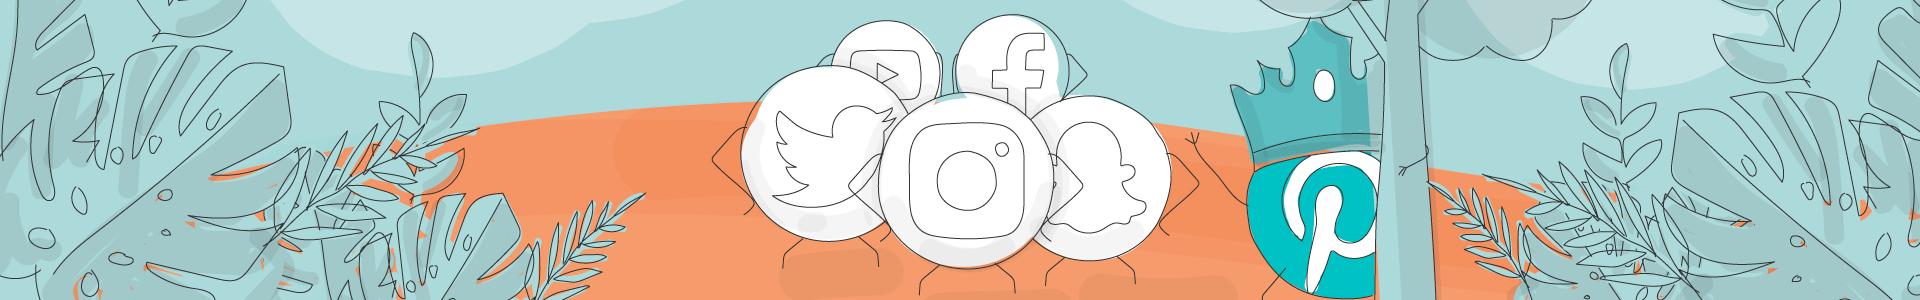 Pinterest: Hidden Champion in Social Media